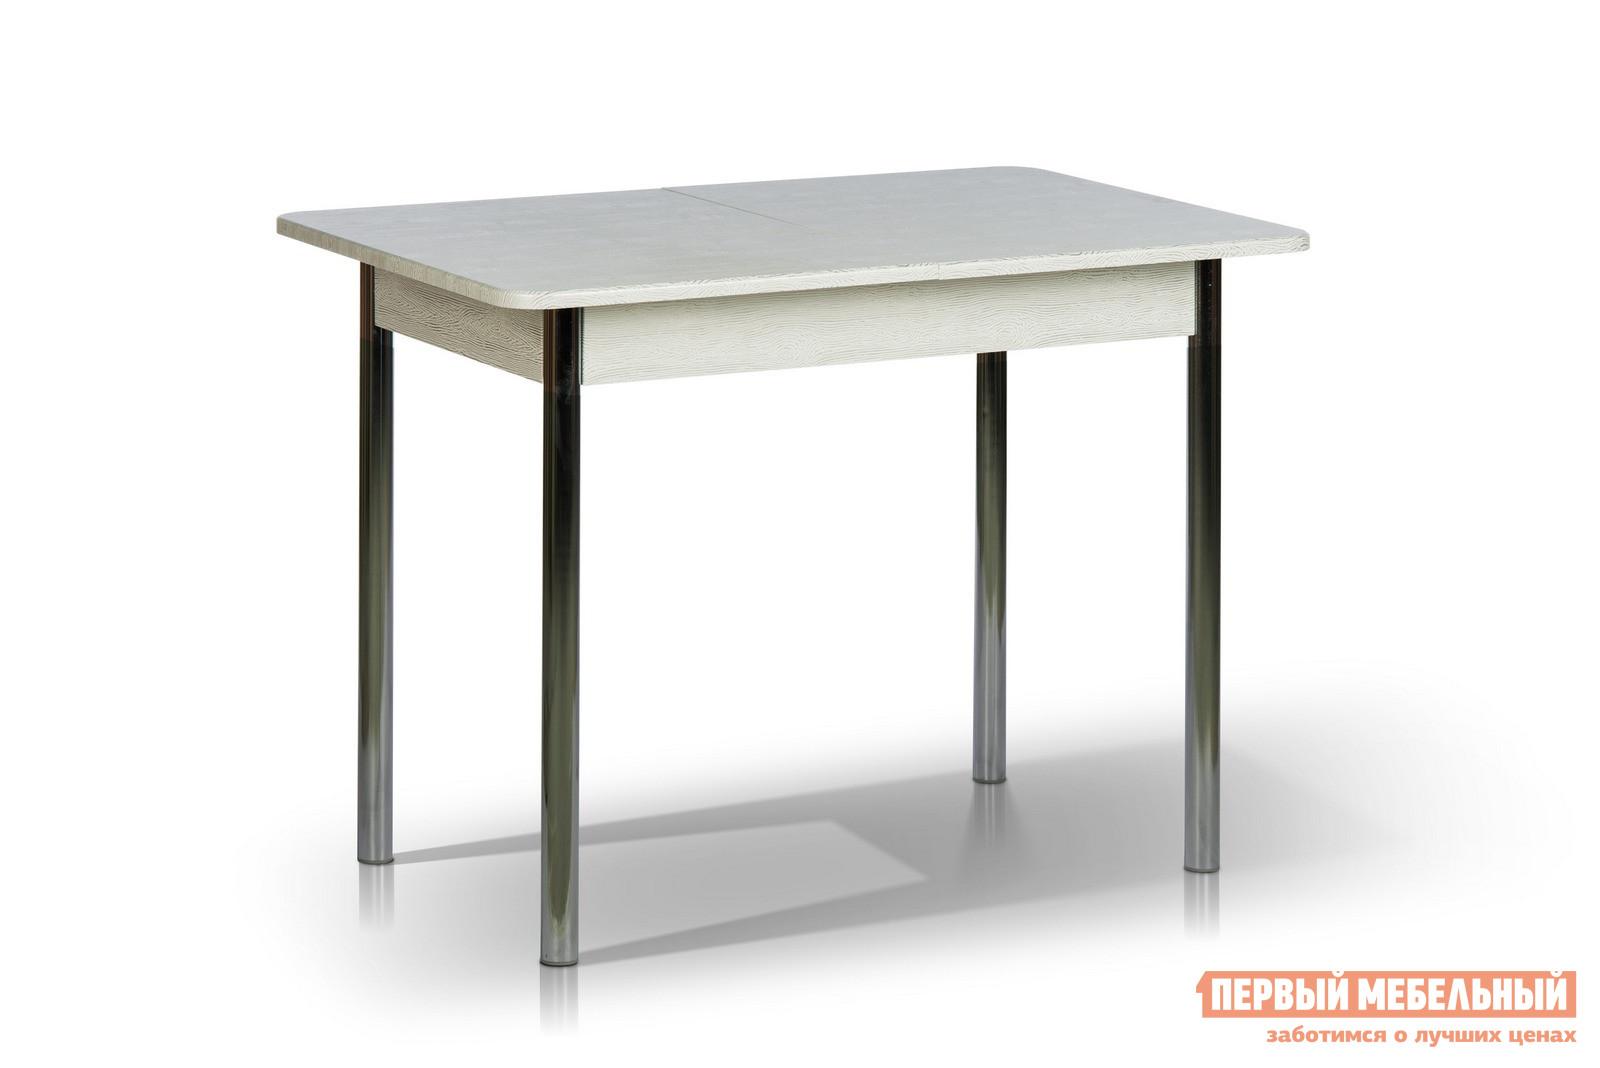 Кухонный стол МегаЭлатон Капри Мини Дуб белый патинаКухонные столы<br>Габаритные размеры ВхШхГ 750x1000 / 1320x650 мм. Обеденный стол с раздвижной столешницей прекрасно подойдет для небольшой кухни.  Простые и строгие формы добавляют столу изящности и позволяют ему вписаться в любой интерьер.  Модель оснащена шариковым механизмом, благодаря которому столешница легко и быстро трансформируется. Размер стола:В собранном виде (ВхШхГ): 750 х 1000 х 650 мм;В разложенном виде (ВхШхГ): 750 х 1320 х 650 мм;Металлические ножки выполнены из хромированной трубы.  Каркас столешницы изготовлен из ЛДСП толщиной 16 мм и МДФ толщиной 18 мм.  Торцевые части облицованы противоударной пленкой ПВХ толщиной 2 мм.<br><br>Цвет: Белый<br>Высота мм: 750<br>Ширина мм: 1000 / 1320<br>Глубина мм: 650<br>Кол-во упаковок: 1<br>Форма поставки: В разобранном виде<br>Срок гарантии: 12 месяцев<br>Тип: Раздвижные<br>Тип: Трансформер<br>Материал: Дерево<br>Материал: ЛДСП<br>Материал: МДФ<br>Форма: Прямоугольные<br>Размер: Маленькие<br>С металлическими ножками: Да